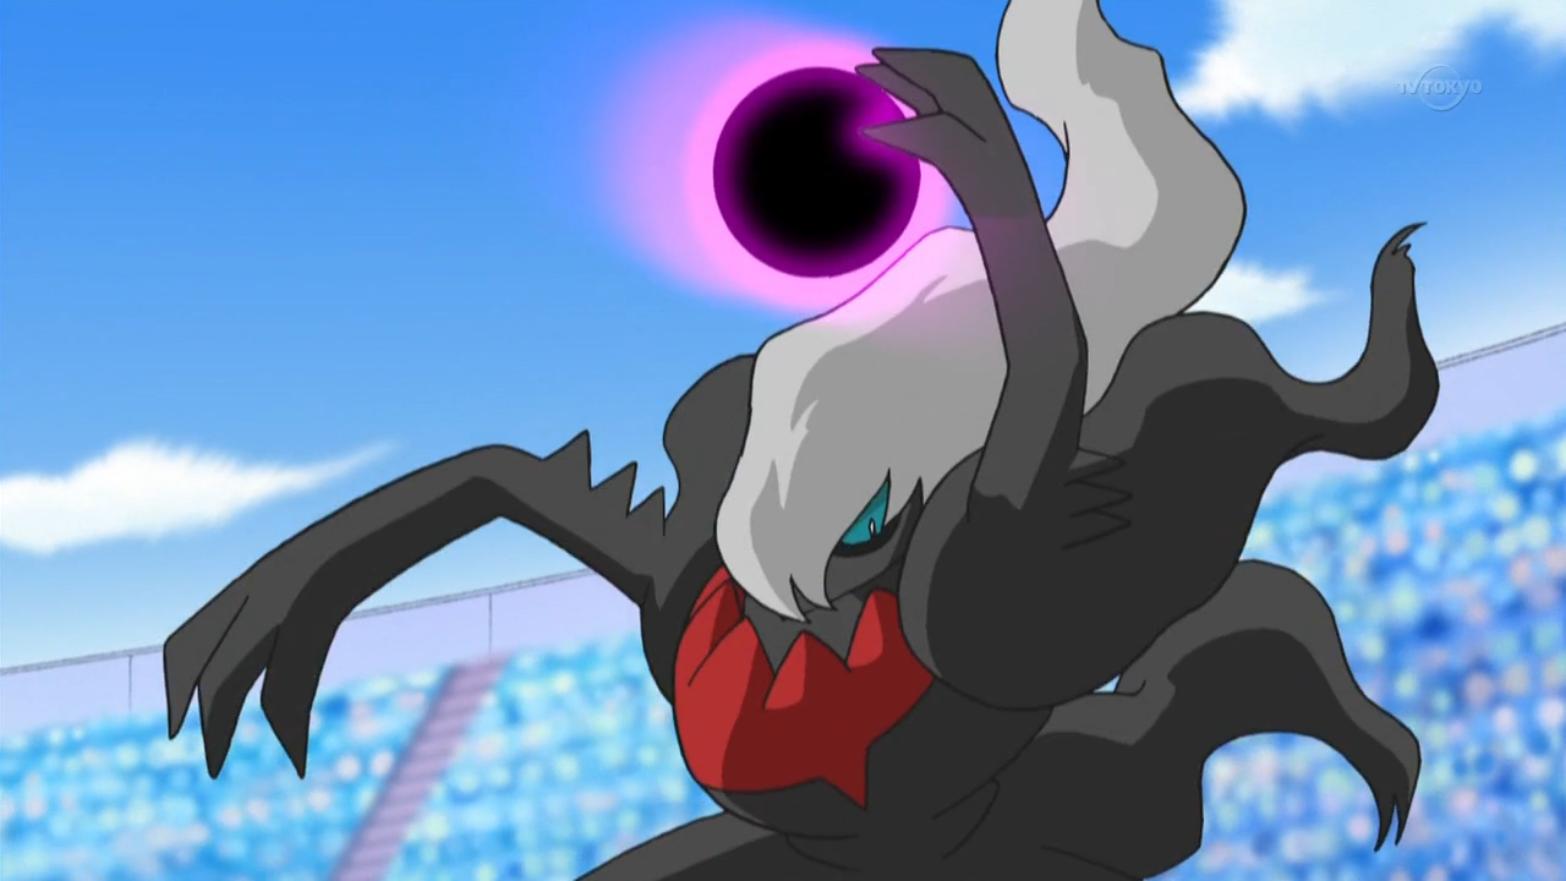 image tobias darkrai dark void png pokémon wiki fandom powered